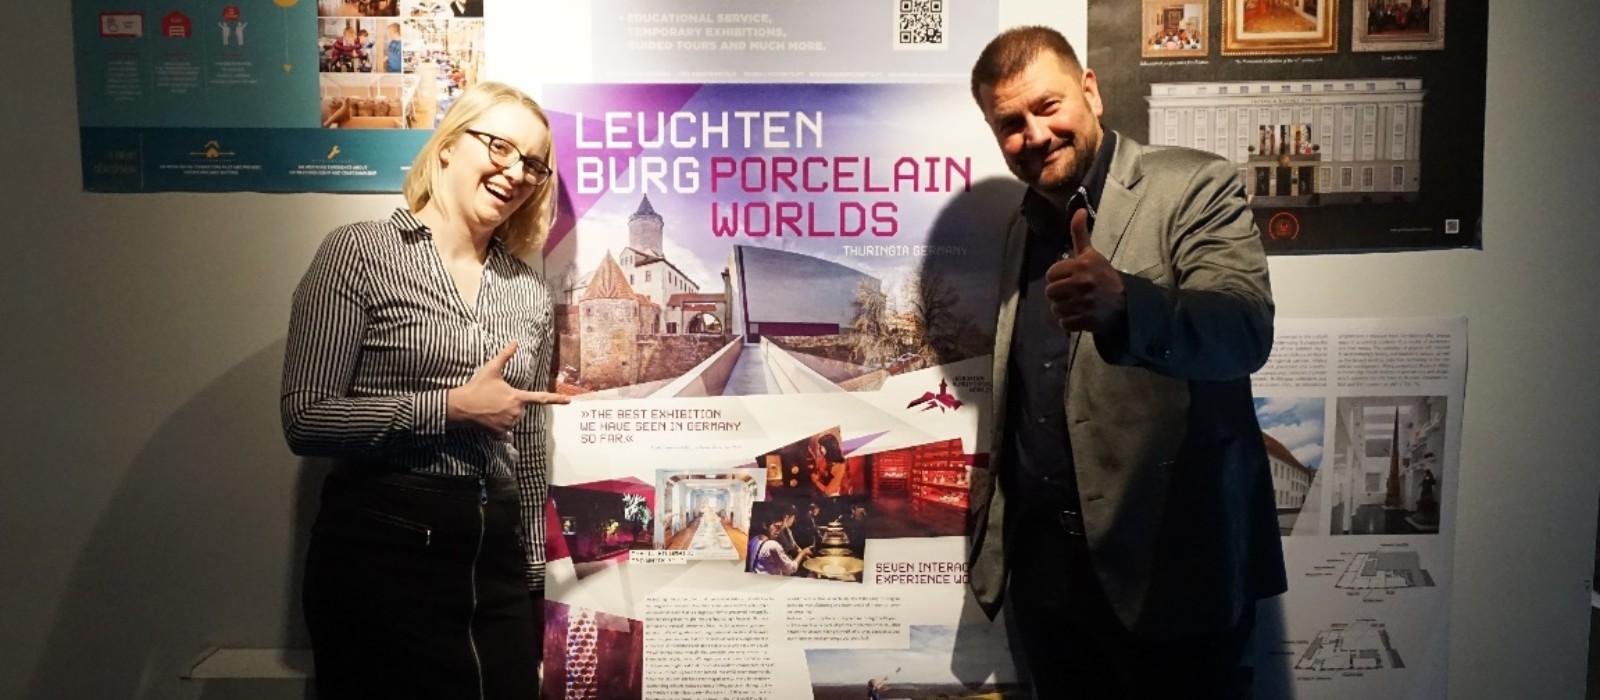 Plakat des Museums Leuchtenburg Mit Museumsmitarbeitern